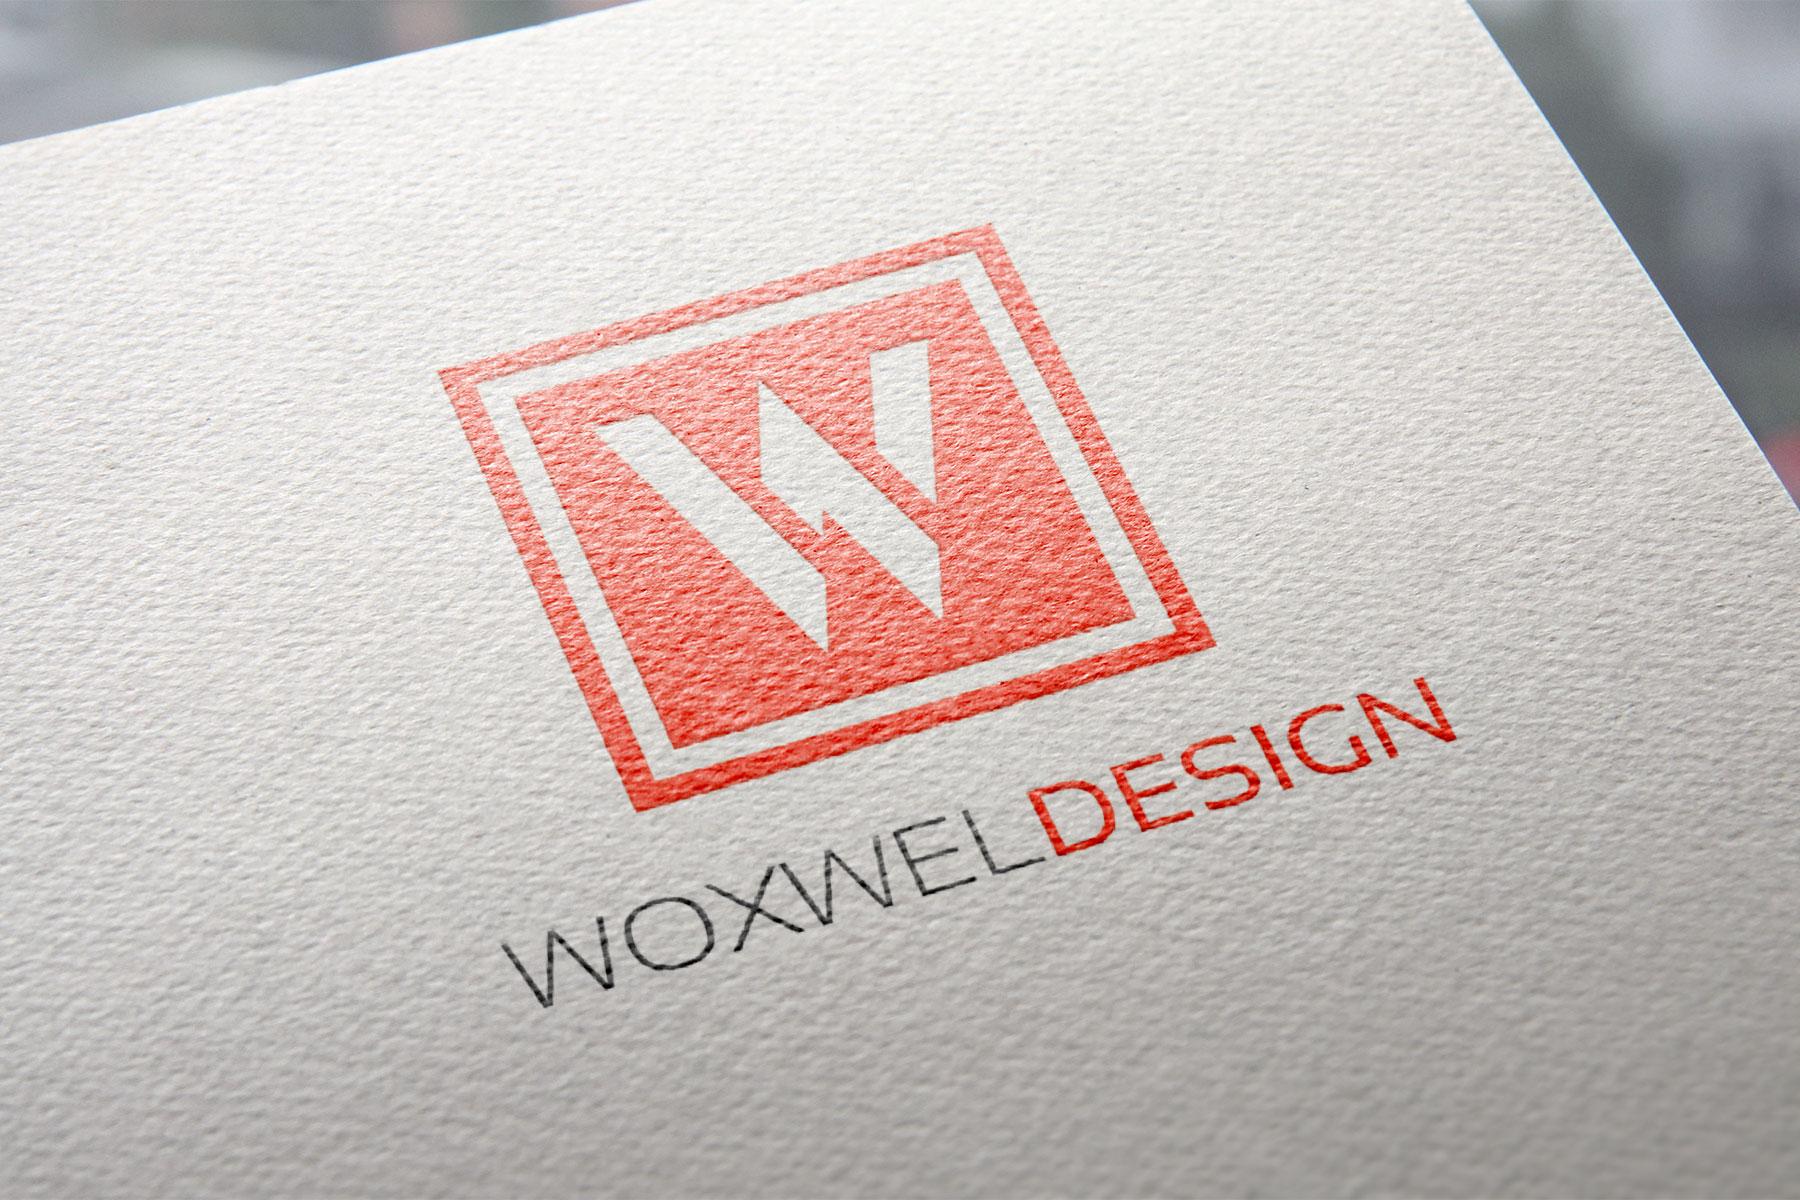 Логотип Woxwel Design - цветная печать